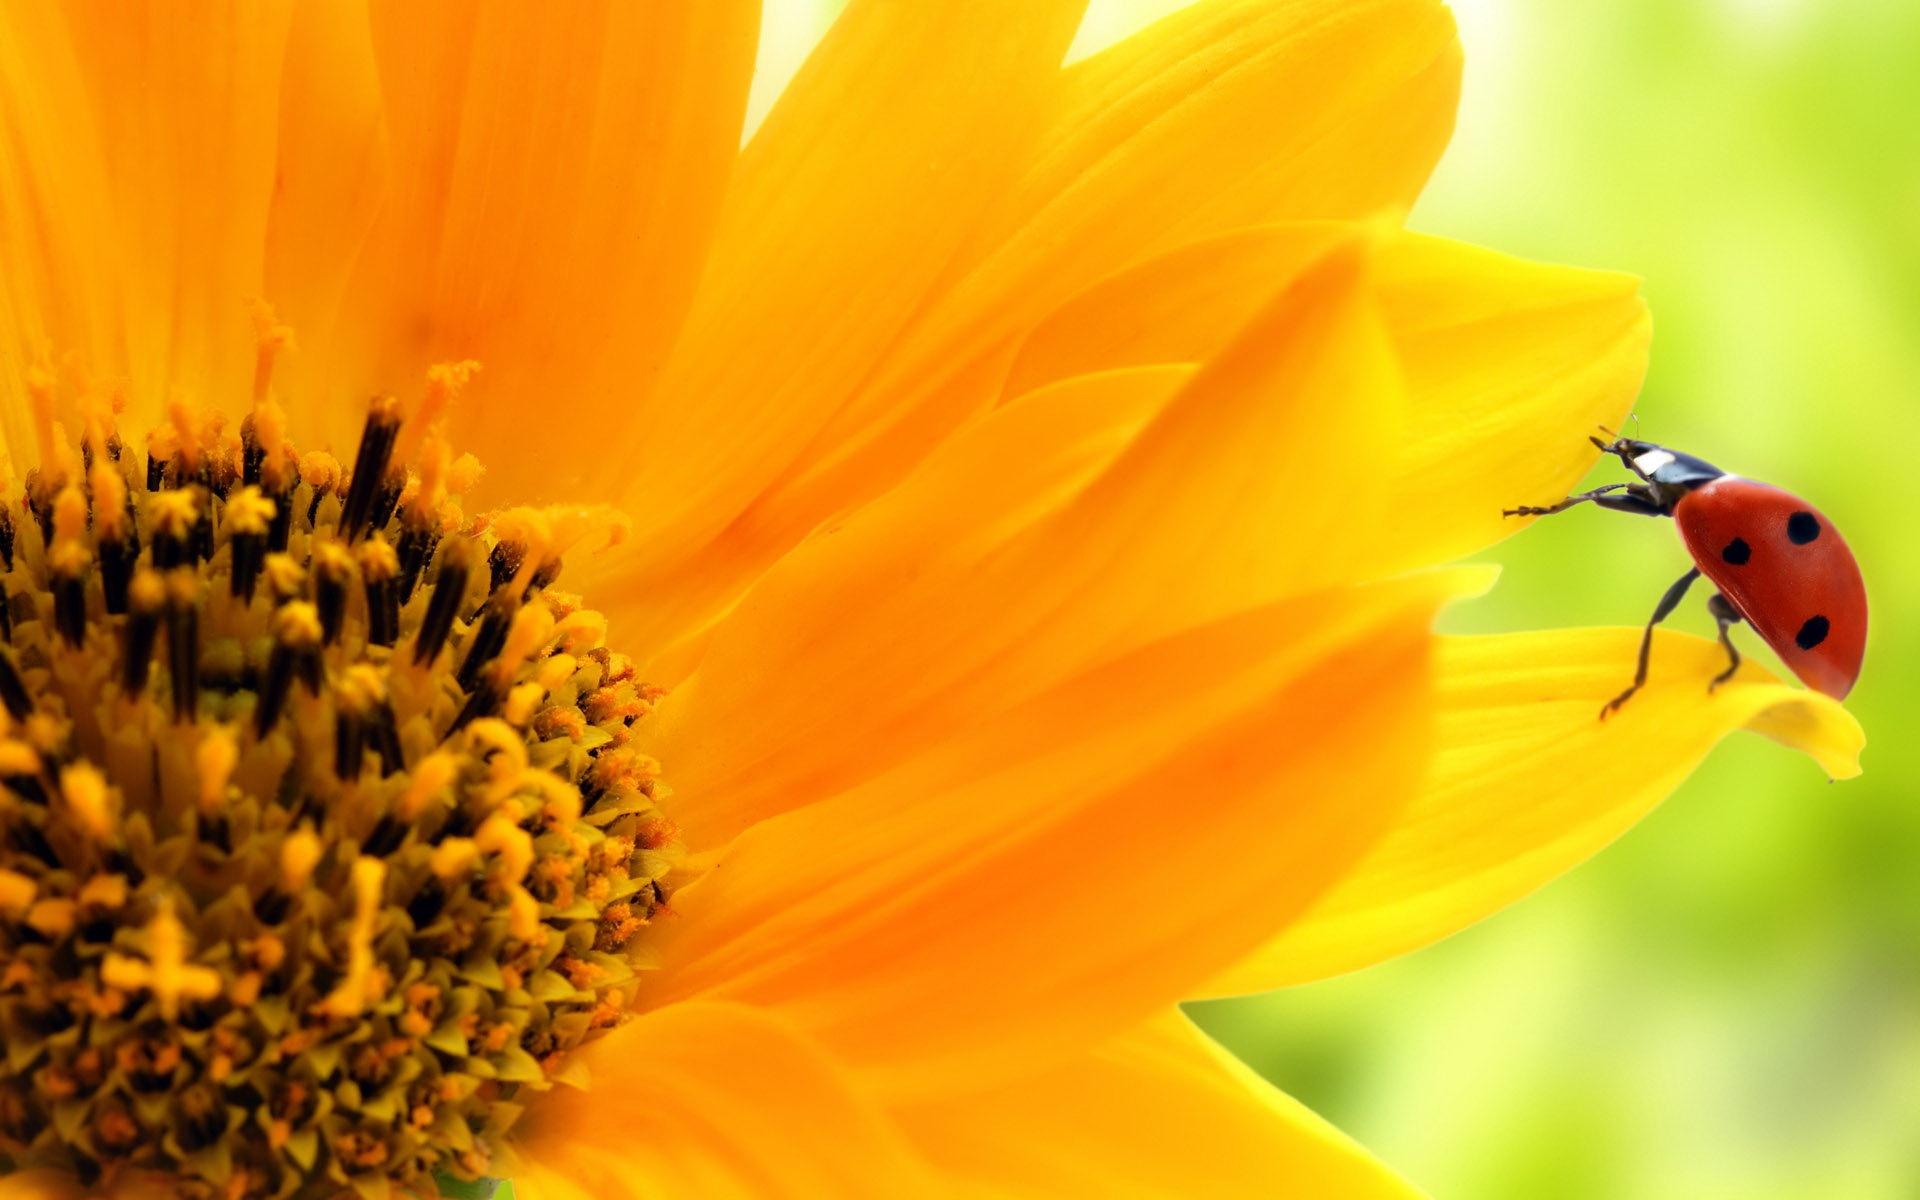 14 145520 sunflower wallpaper desktop background sun flowers